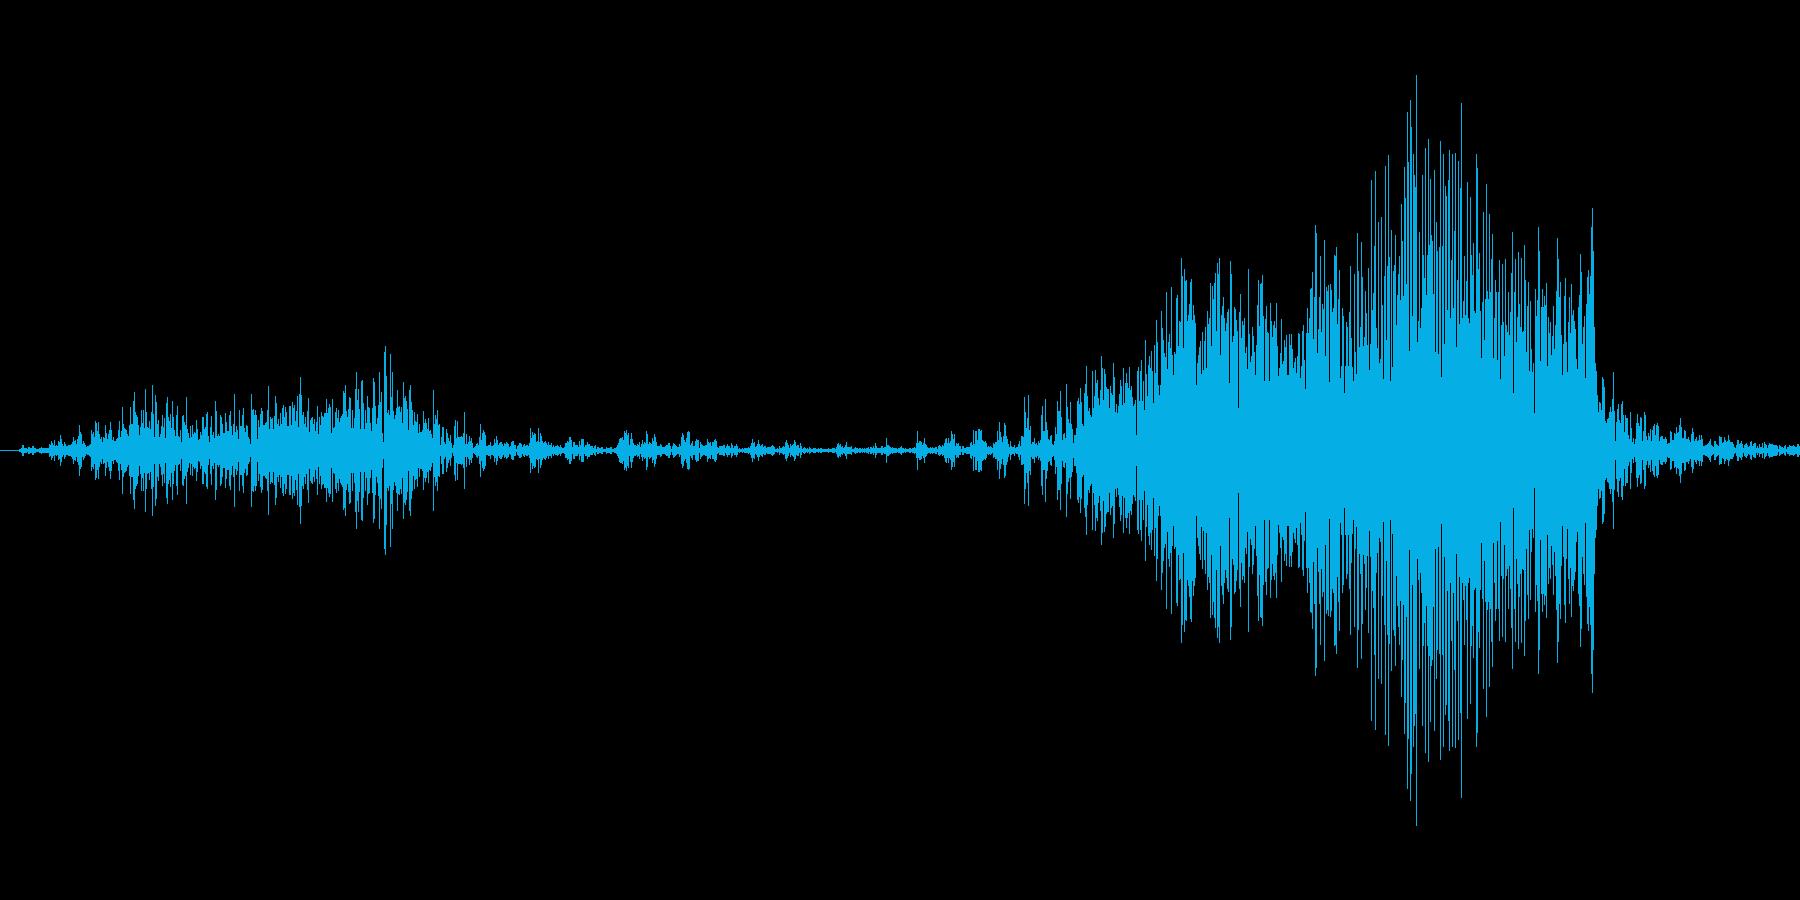 チャックを閉める音1の再生済みの波形